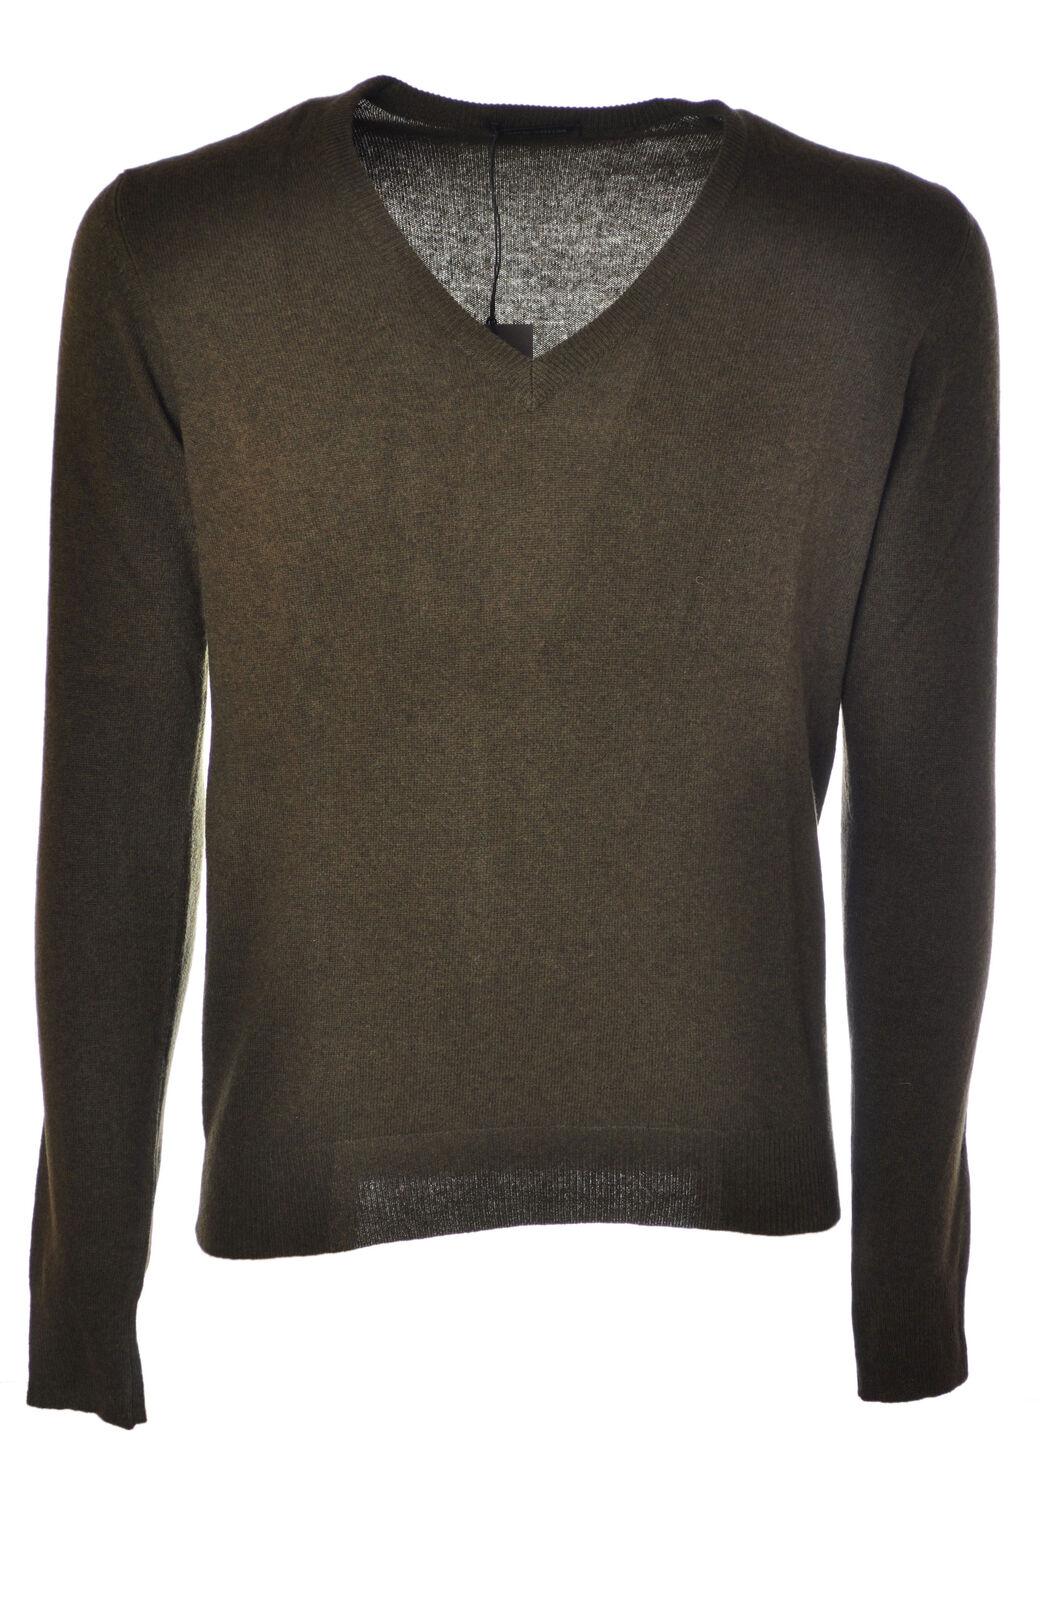 Roberto Collina  -  Sweaters - Male - Grün - 2834431N174011